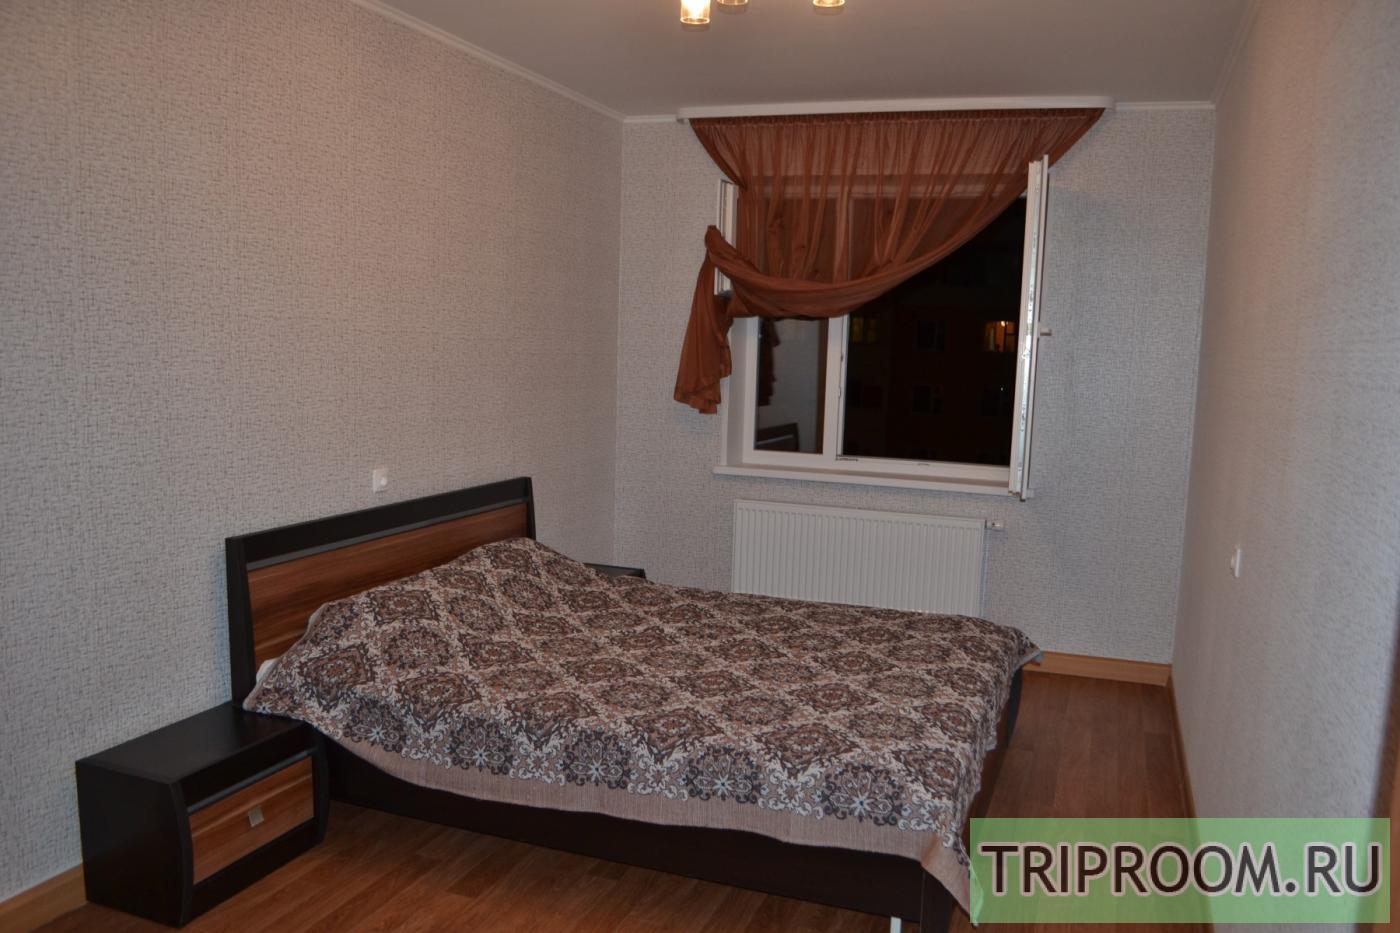 2-комнатная квартира посуточно (вариант № 23174), ул. Овчинникова улица, фото № 7